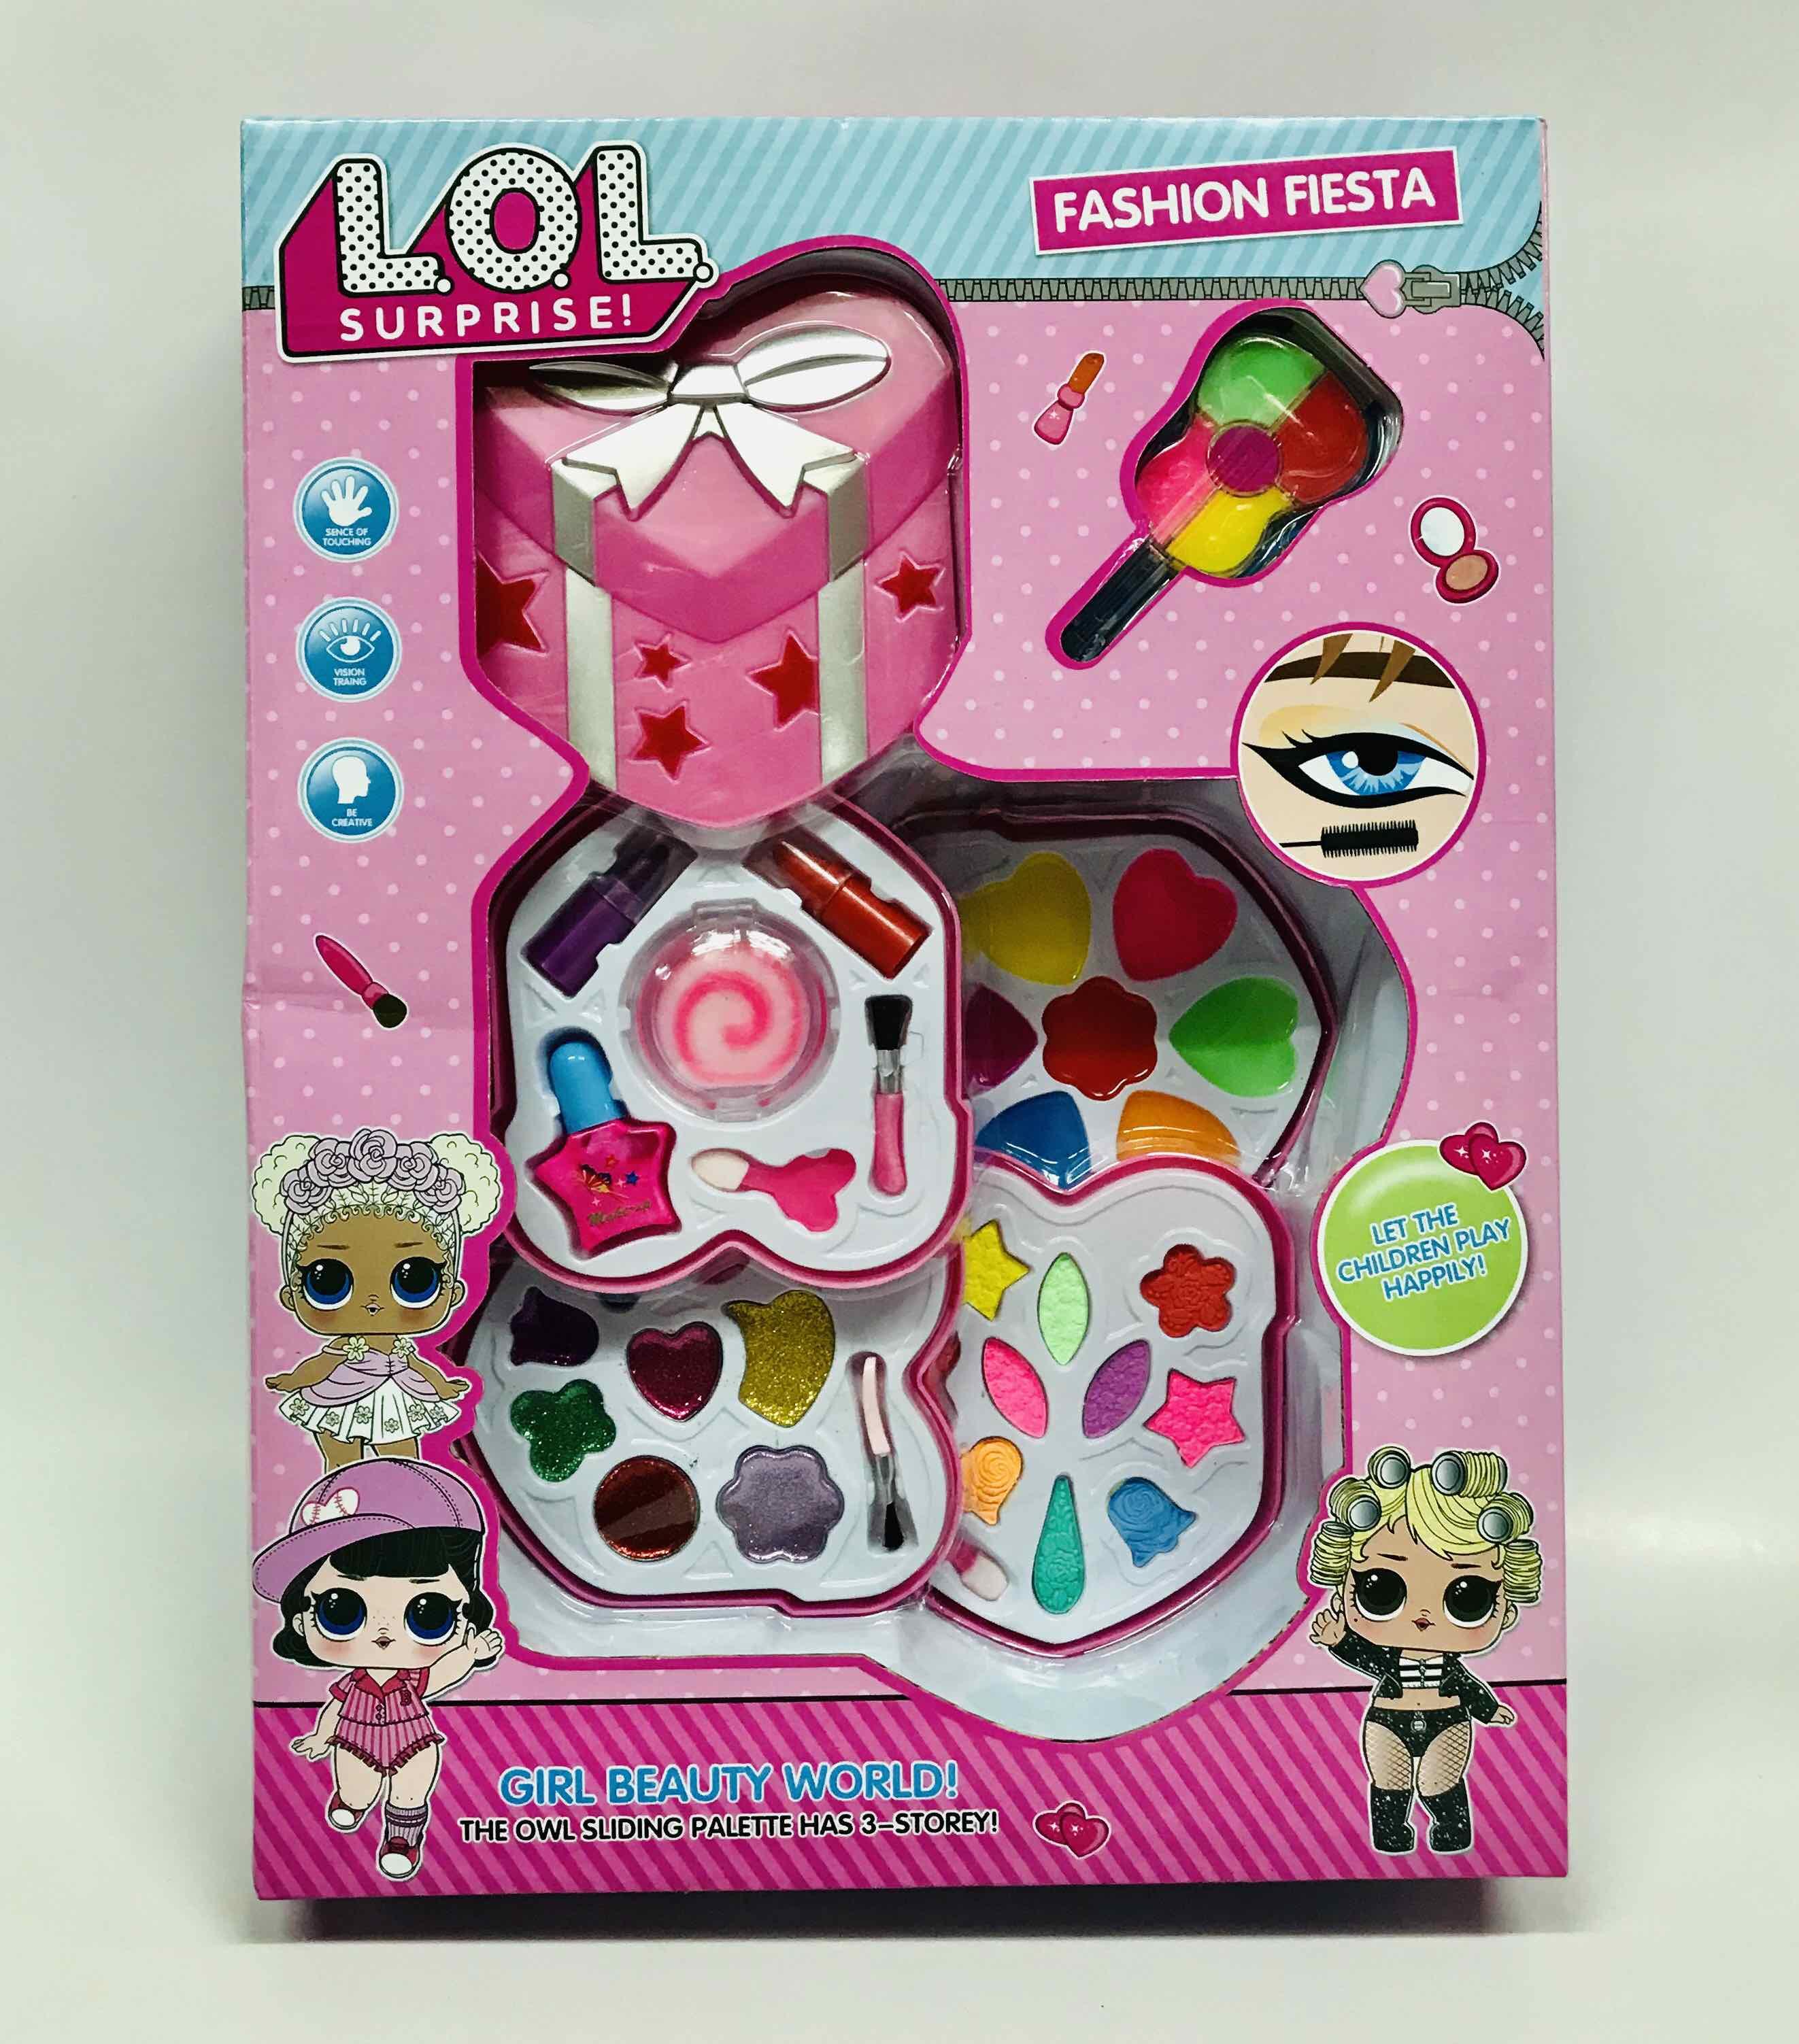 Shop đồ chơi trẻ em KIM LONG: Bộ đồ chơi trang điểm thật cho bé của búp bê LOL - TRANGDIEM2   Sendo.vn